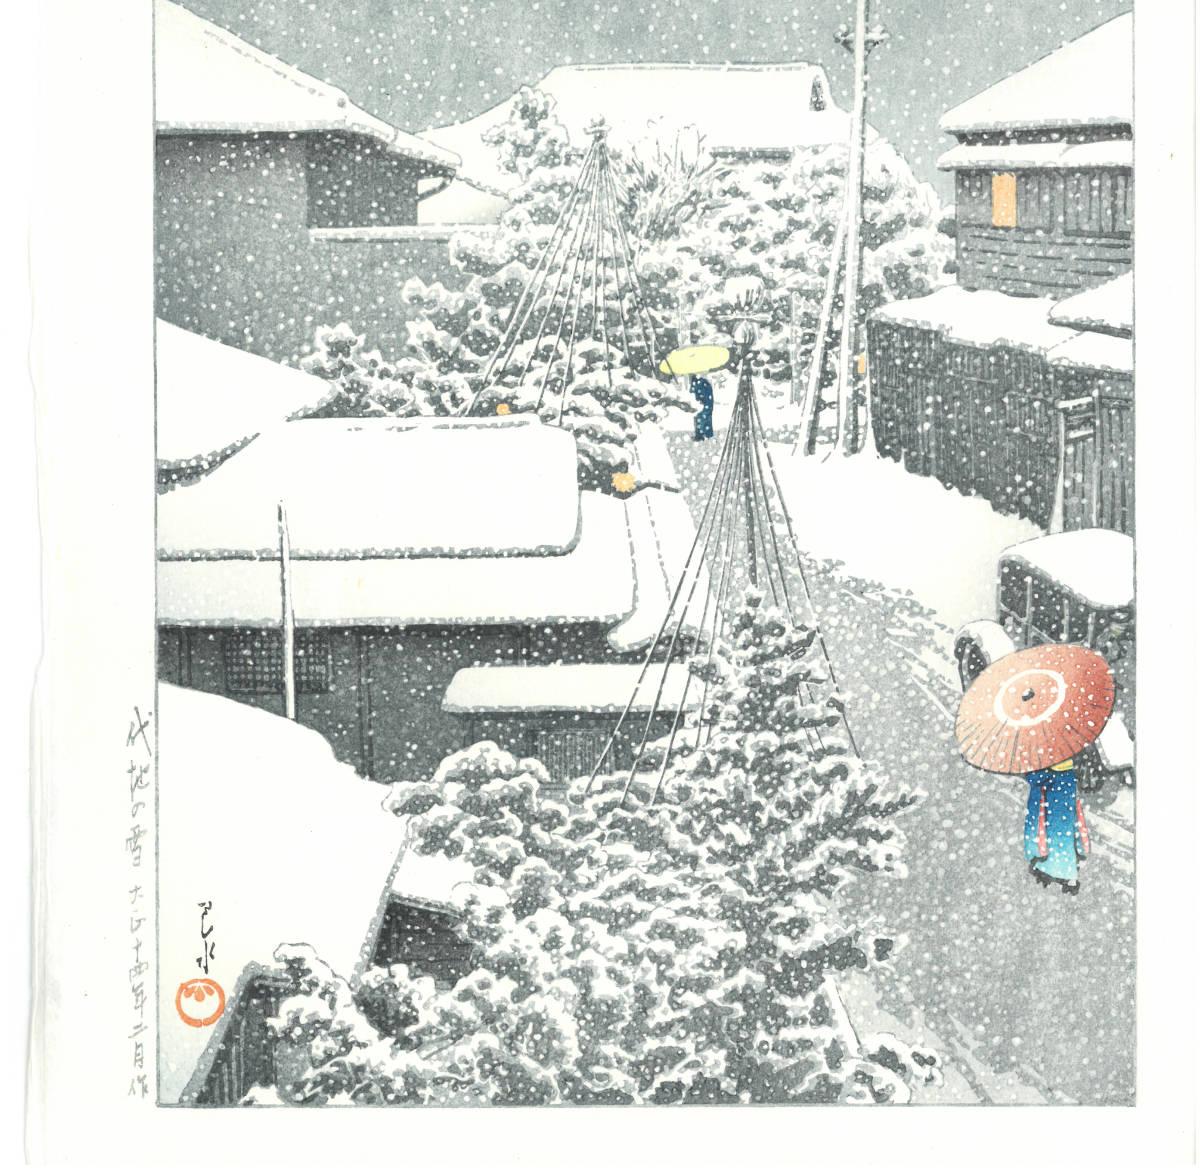 川瀬巴水 木版画  HKS-16 代地の雪  初版 1925年 大正14年2月 (新版画) 一流の摺師の技をご堪能下さい。_画像5